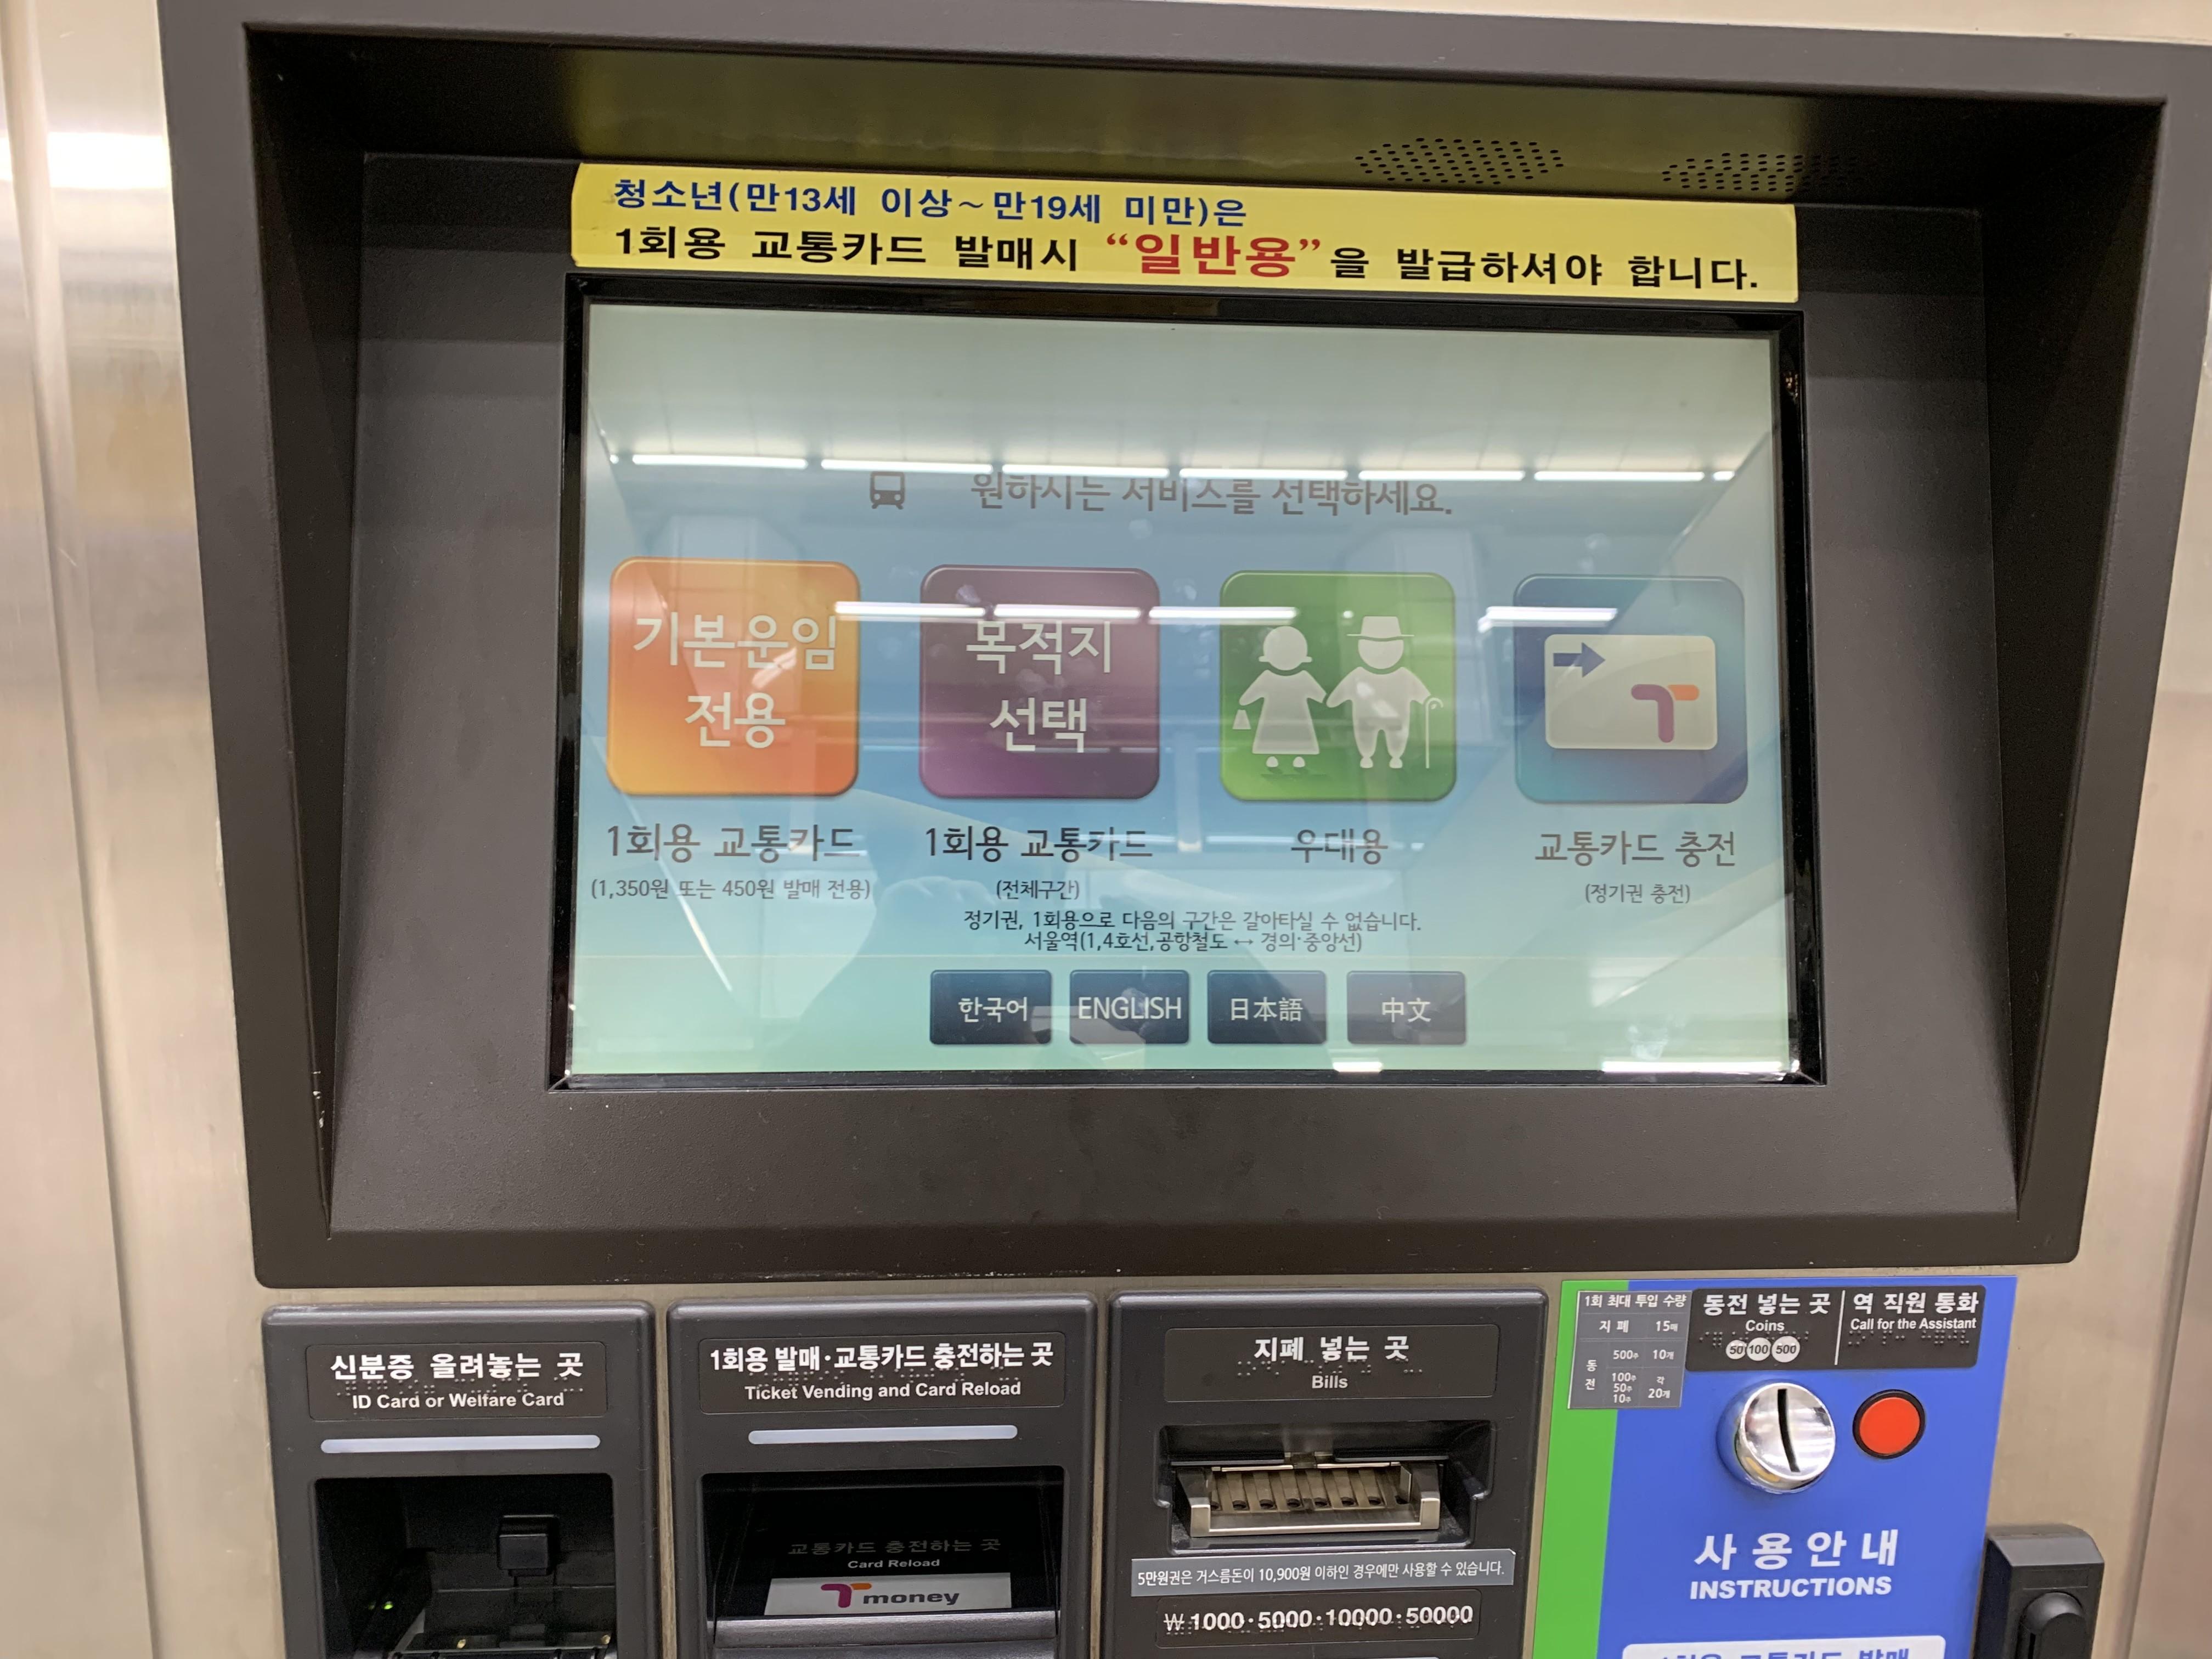 地下鉄運賃をチャージする機械の画像